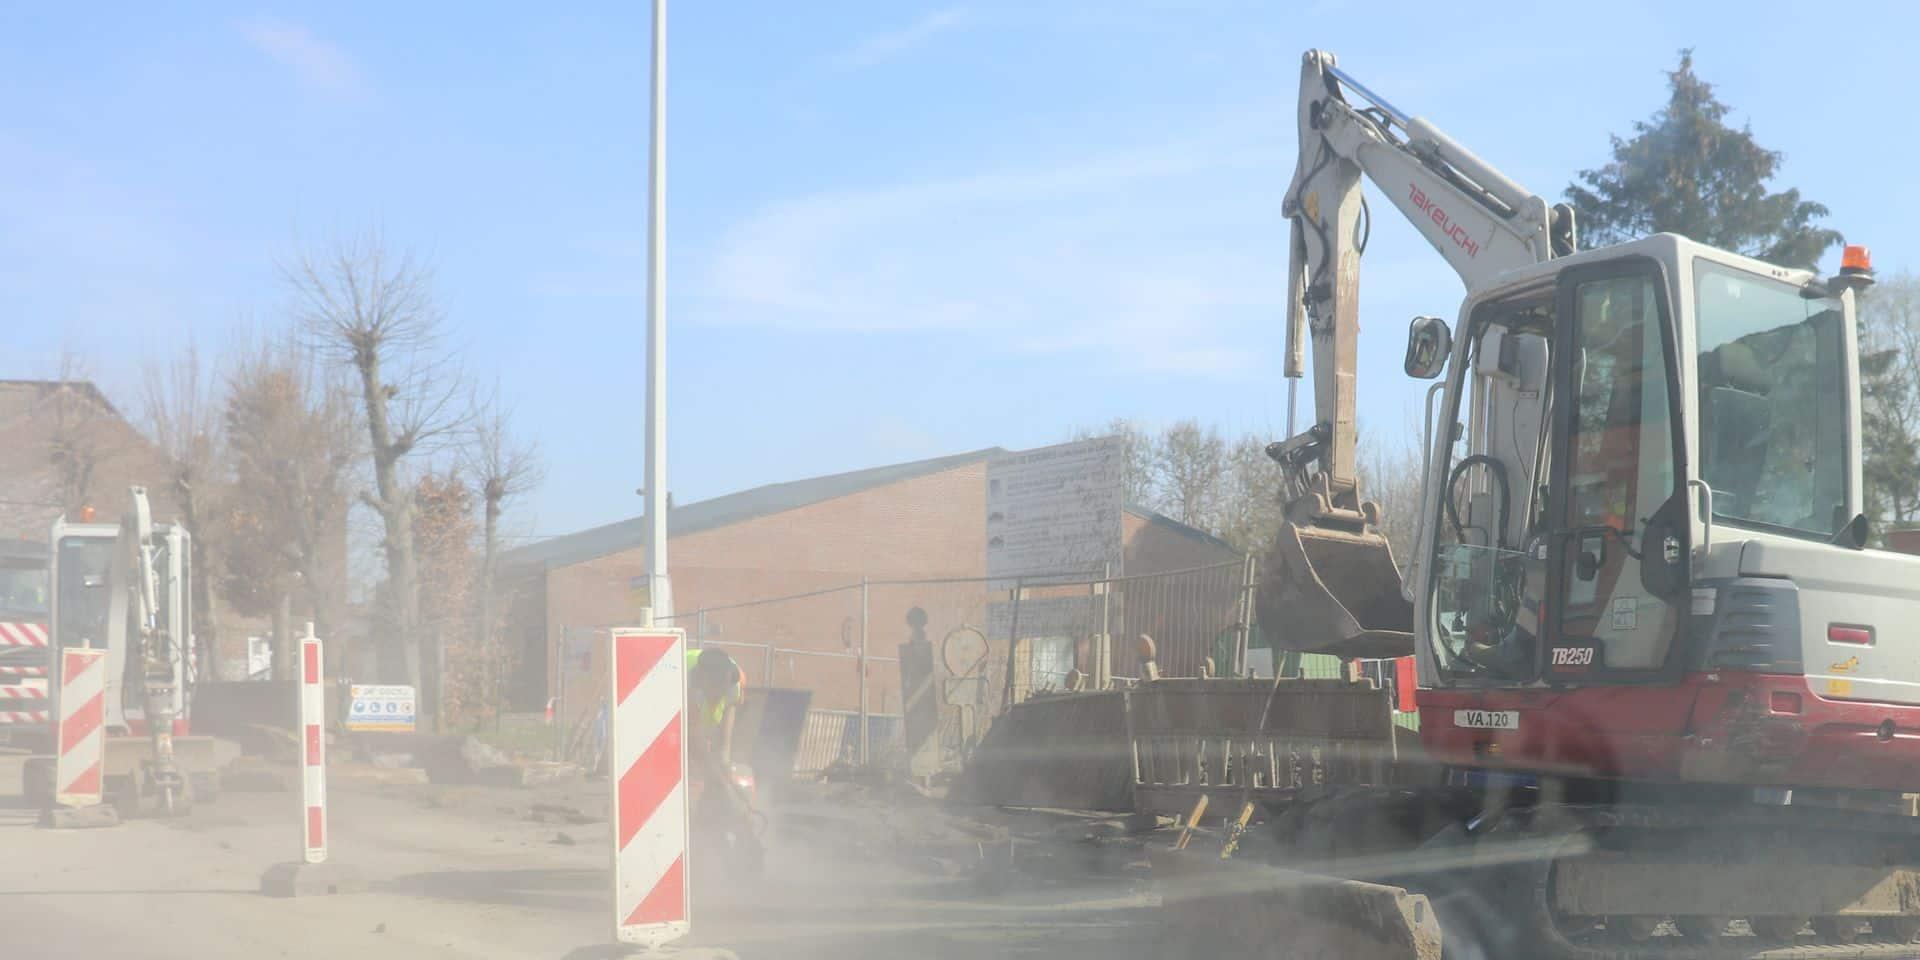 Fuite de gaz à Casteau : une déviation durant une semaine